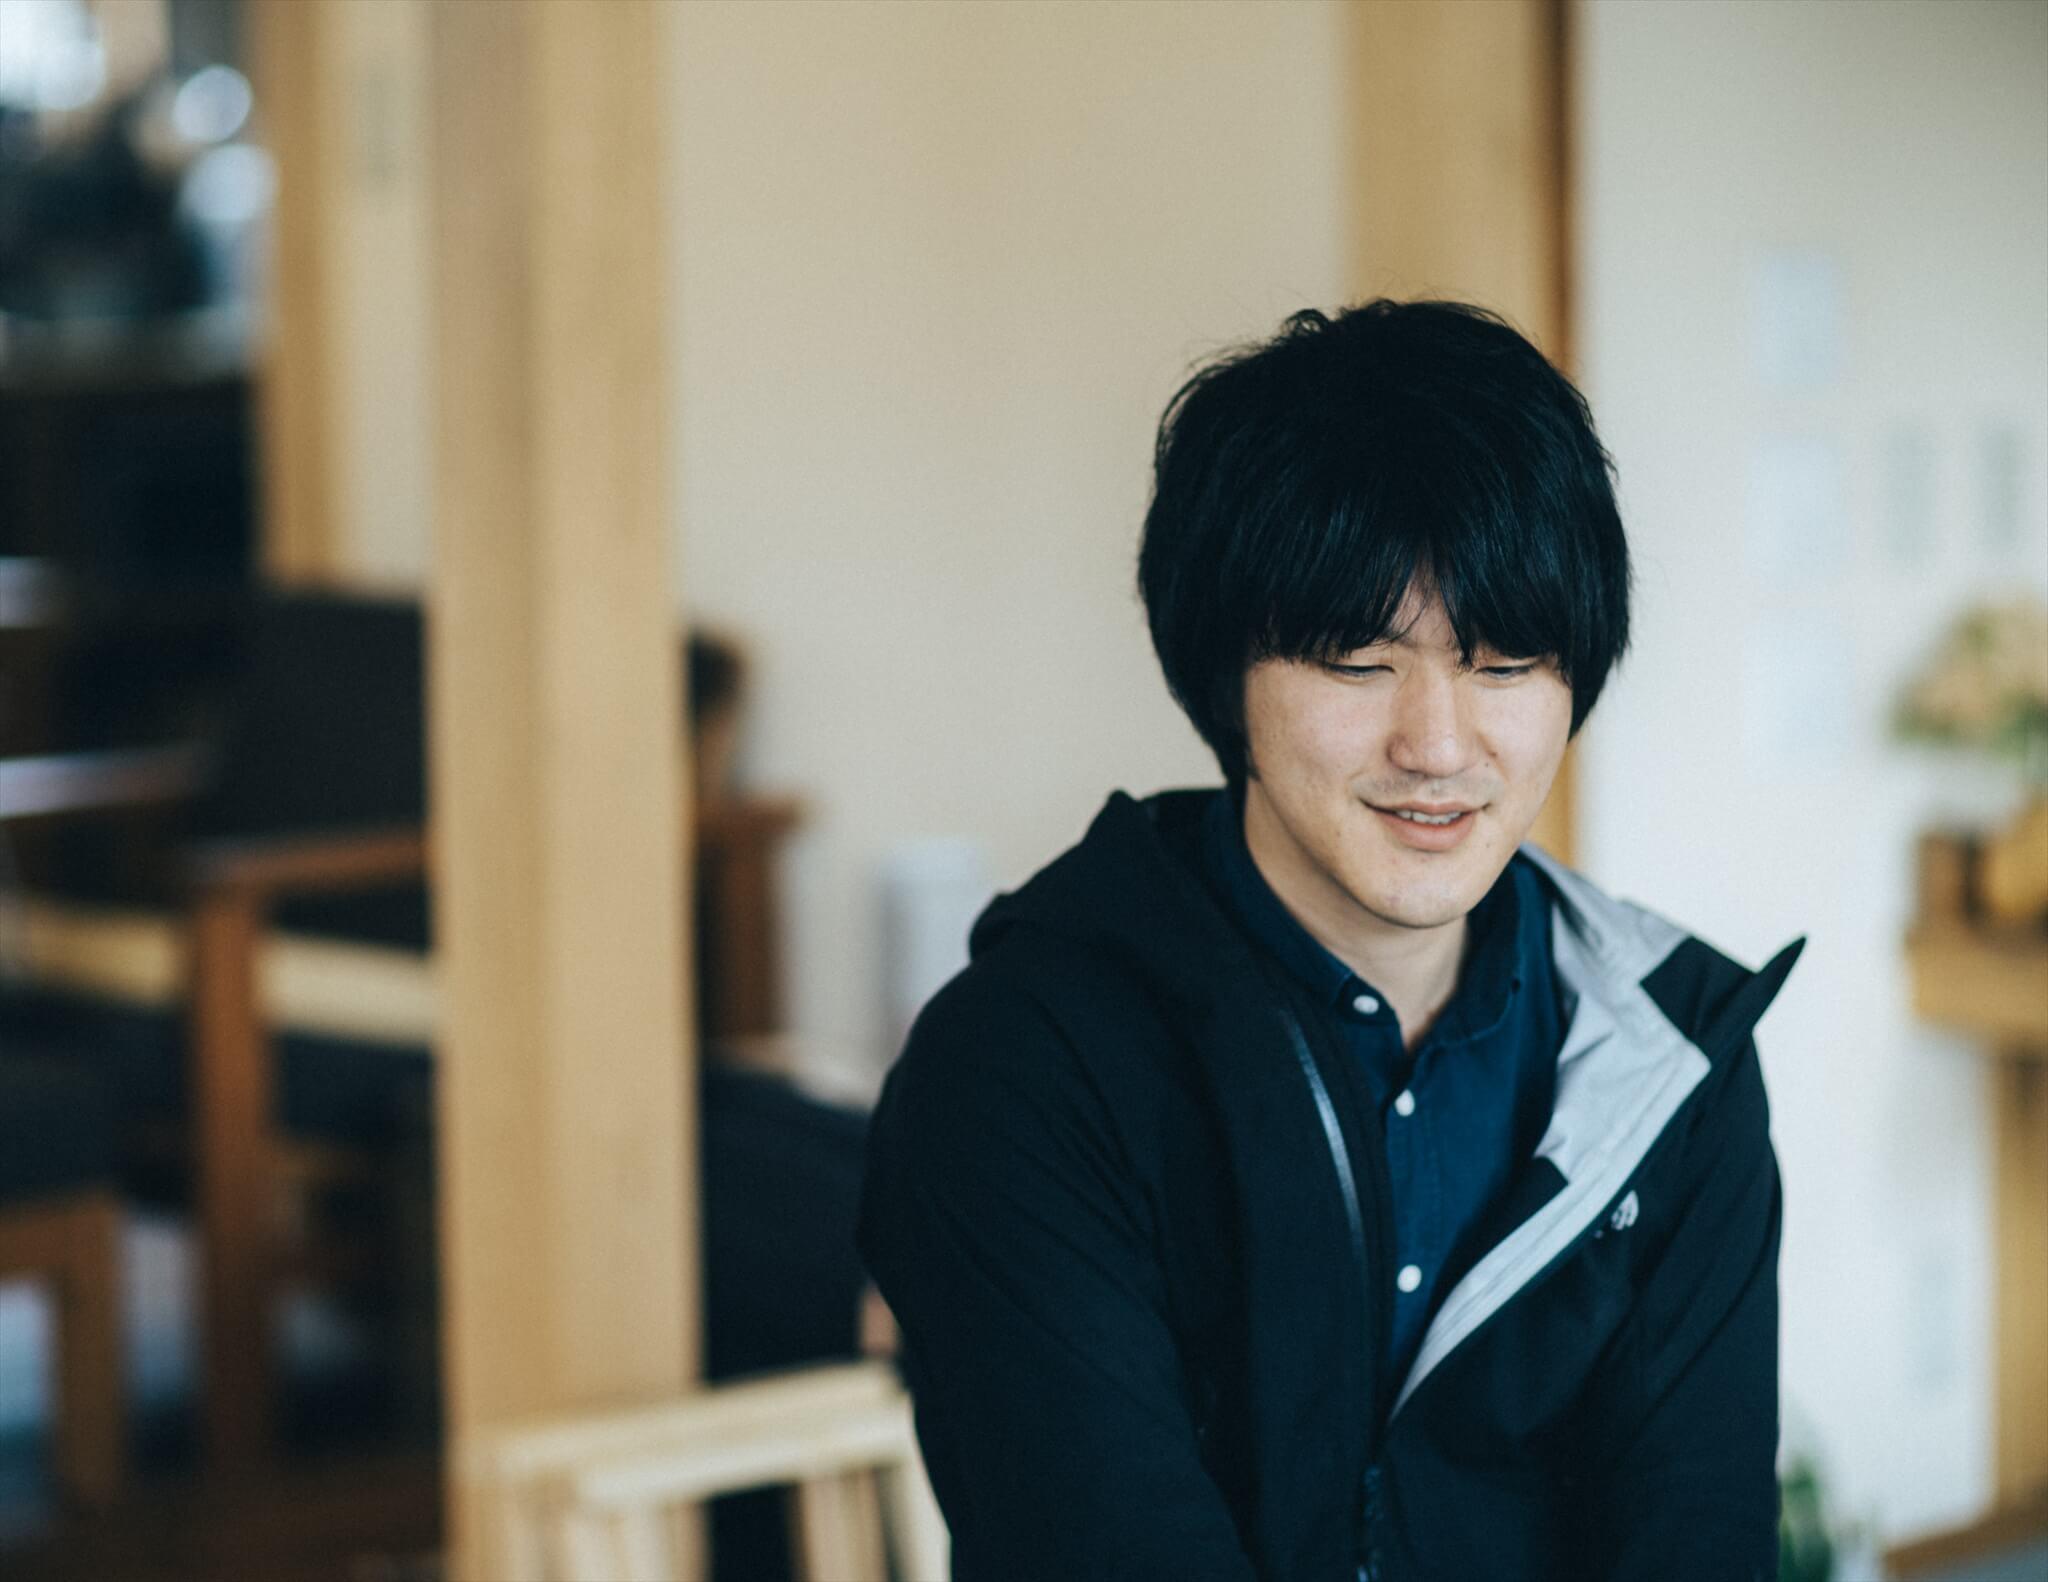 三重県出身の奥田さんは大学進学をきっかけに長野へやってきた